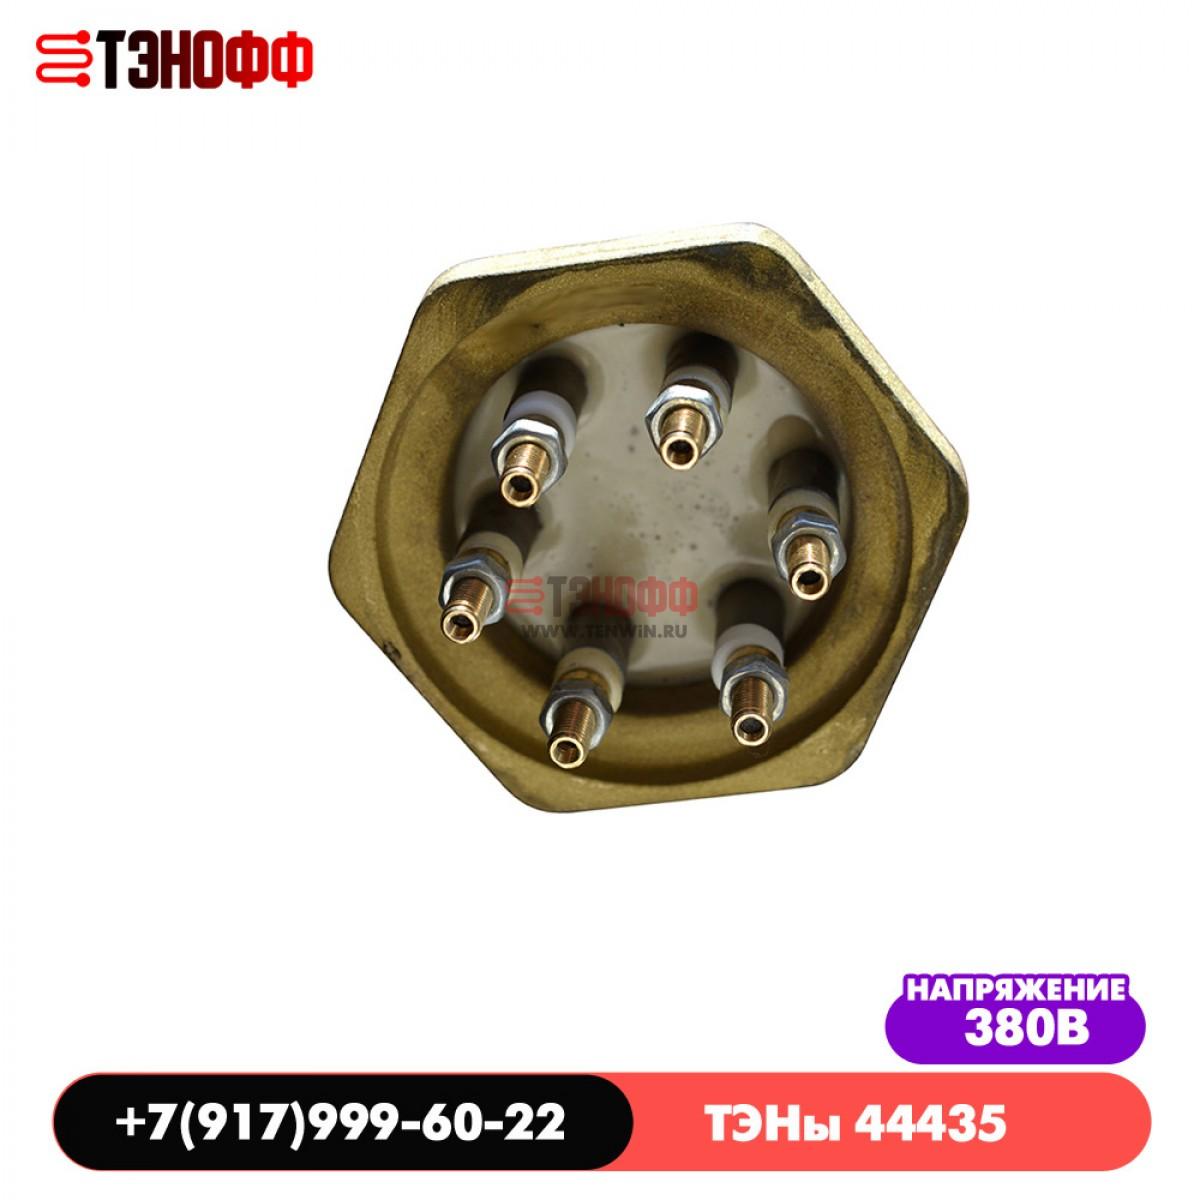 Блок ТЭНов 15 кВт / 380В для котла ЭВАН - 44435